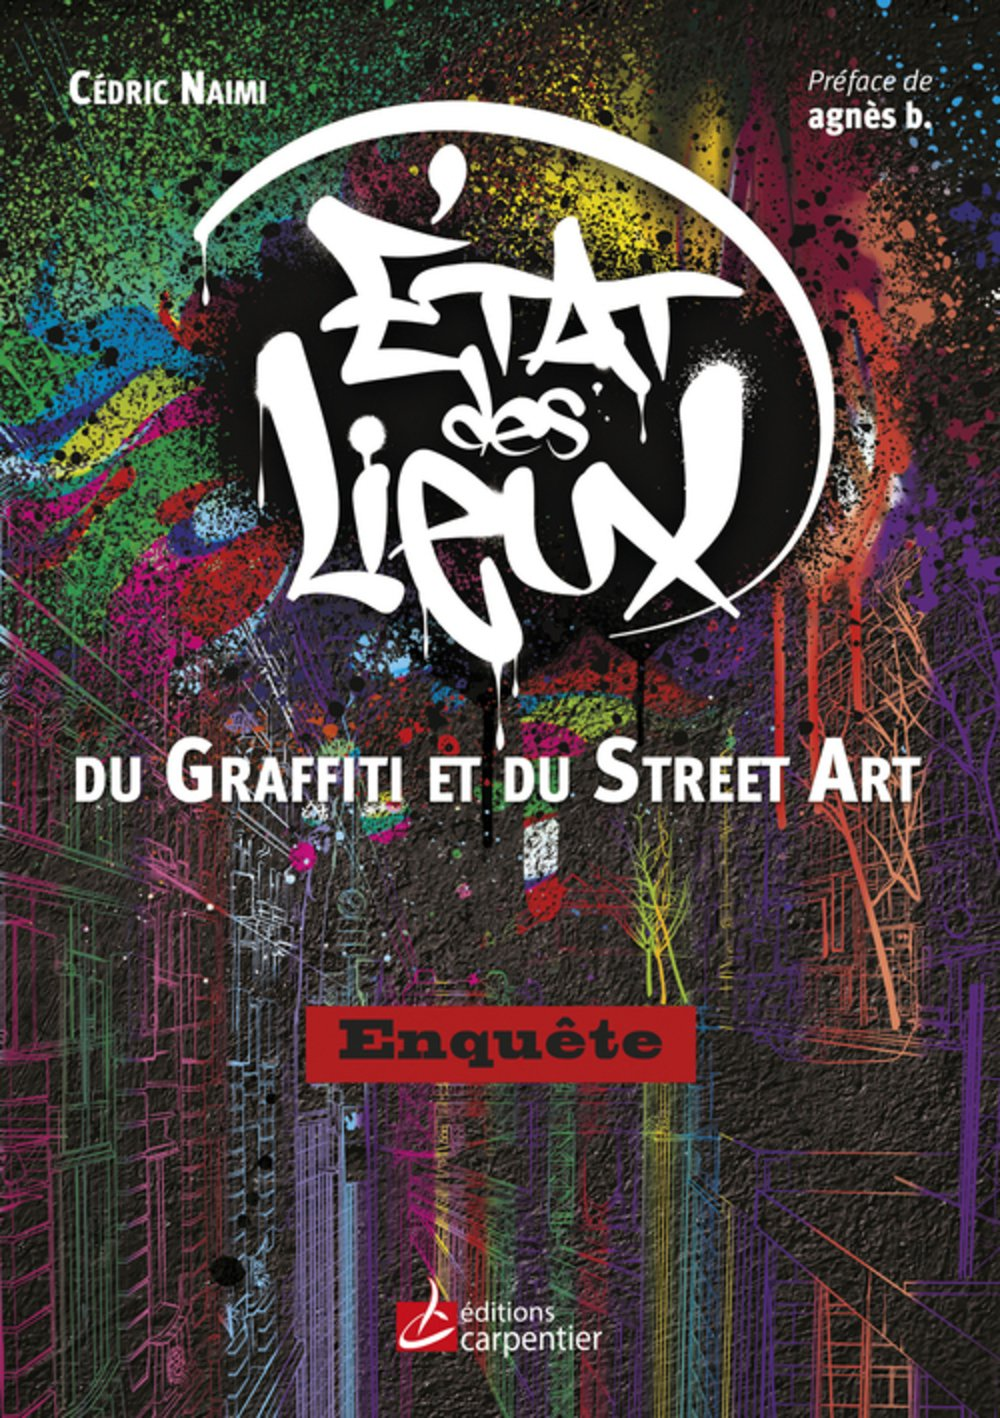 Etat des lieux du graffiti au street art Broché – 24 septembre 2015 Cédric Naïmi Loïc Gallet agnès b. Editions Carpentier